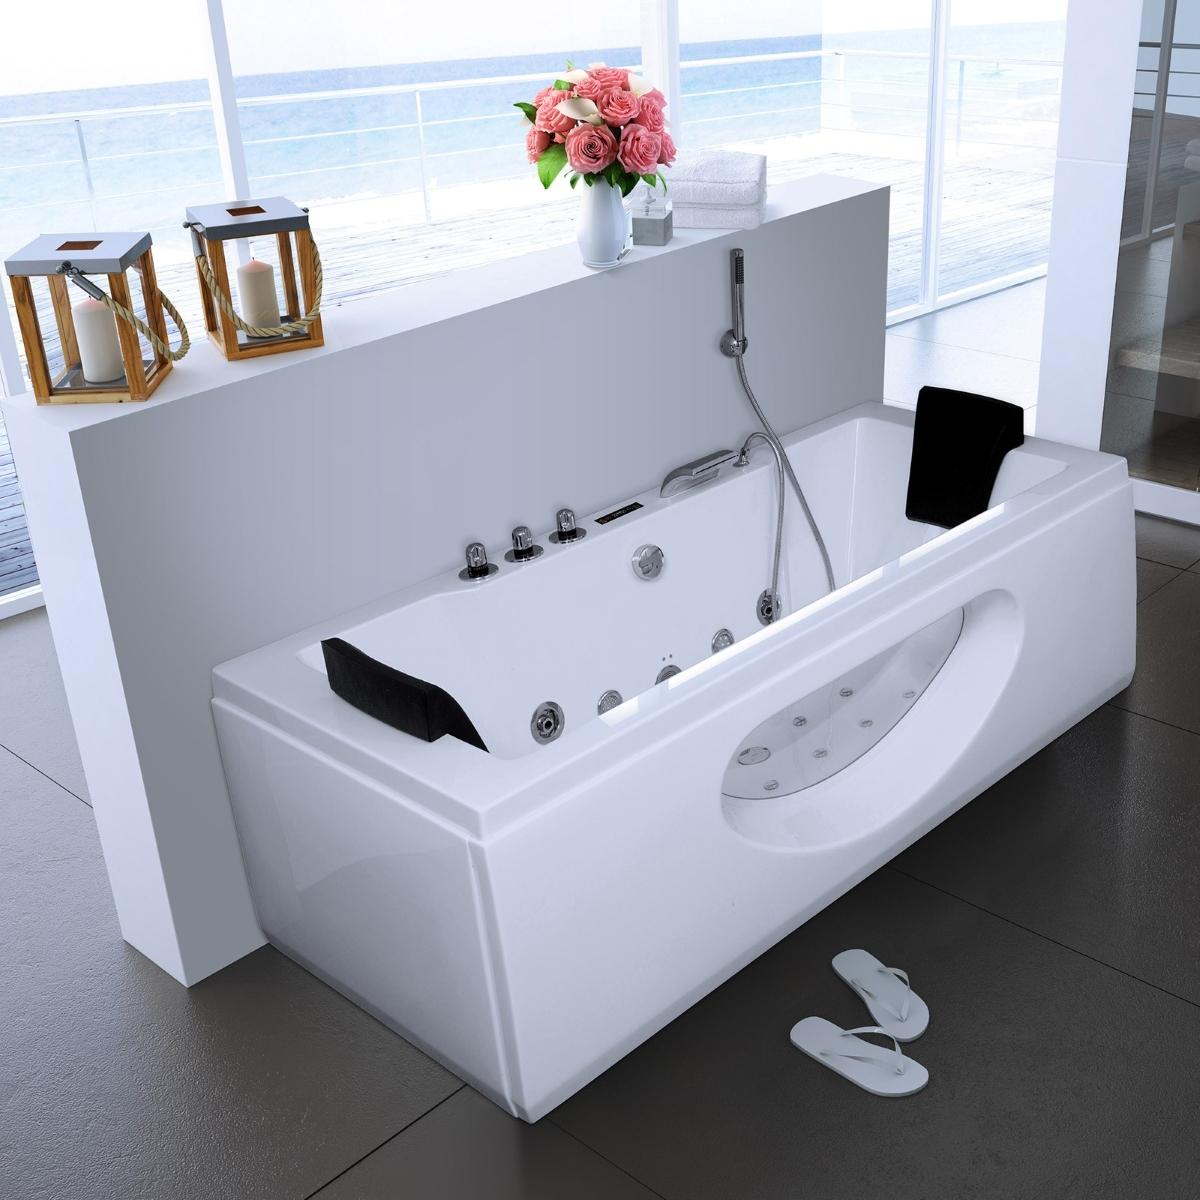 luxus whirlpool badewanne samurai profi weiss mit 26. Black Bedroom Furniture Sets. Home Design Ideas